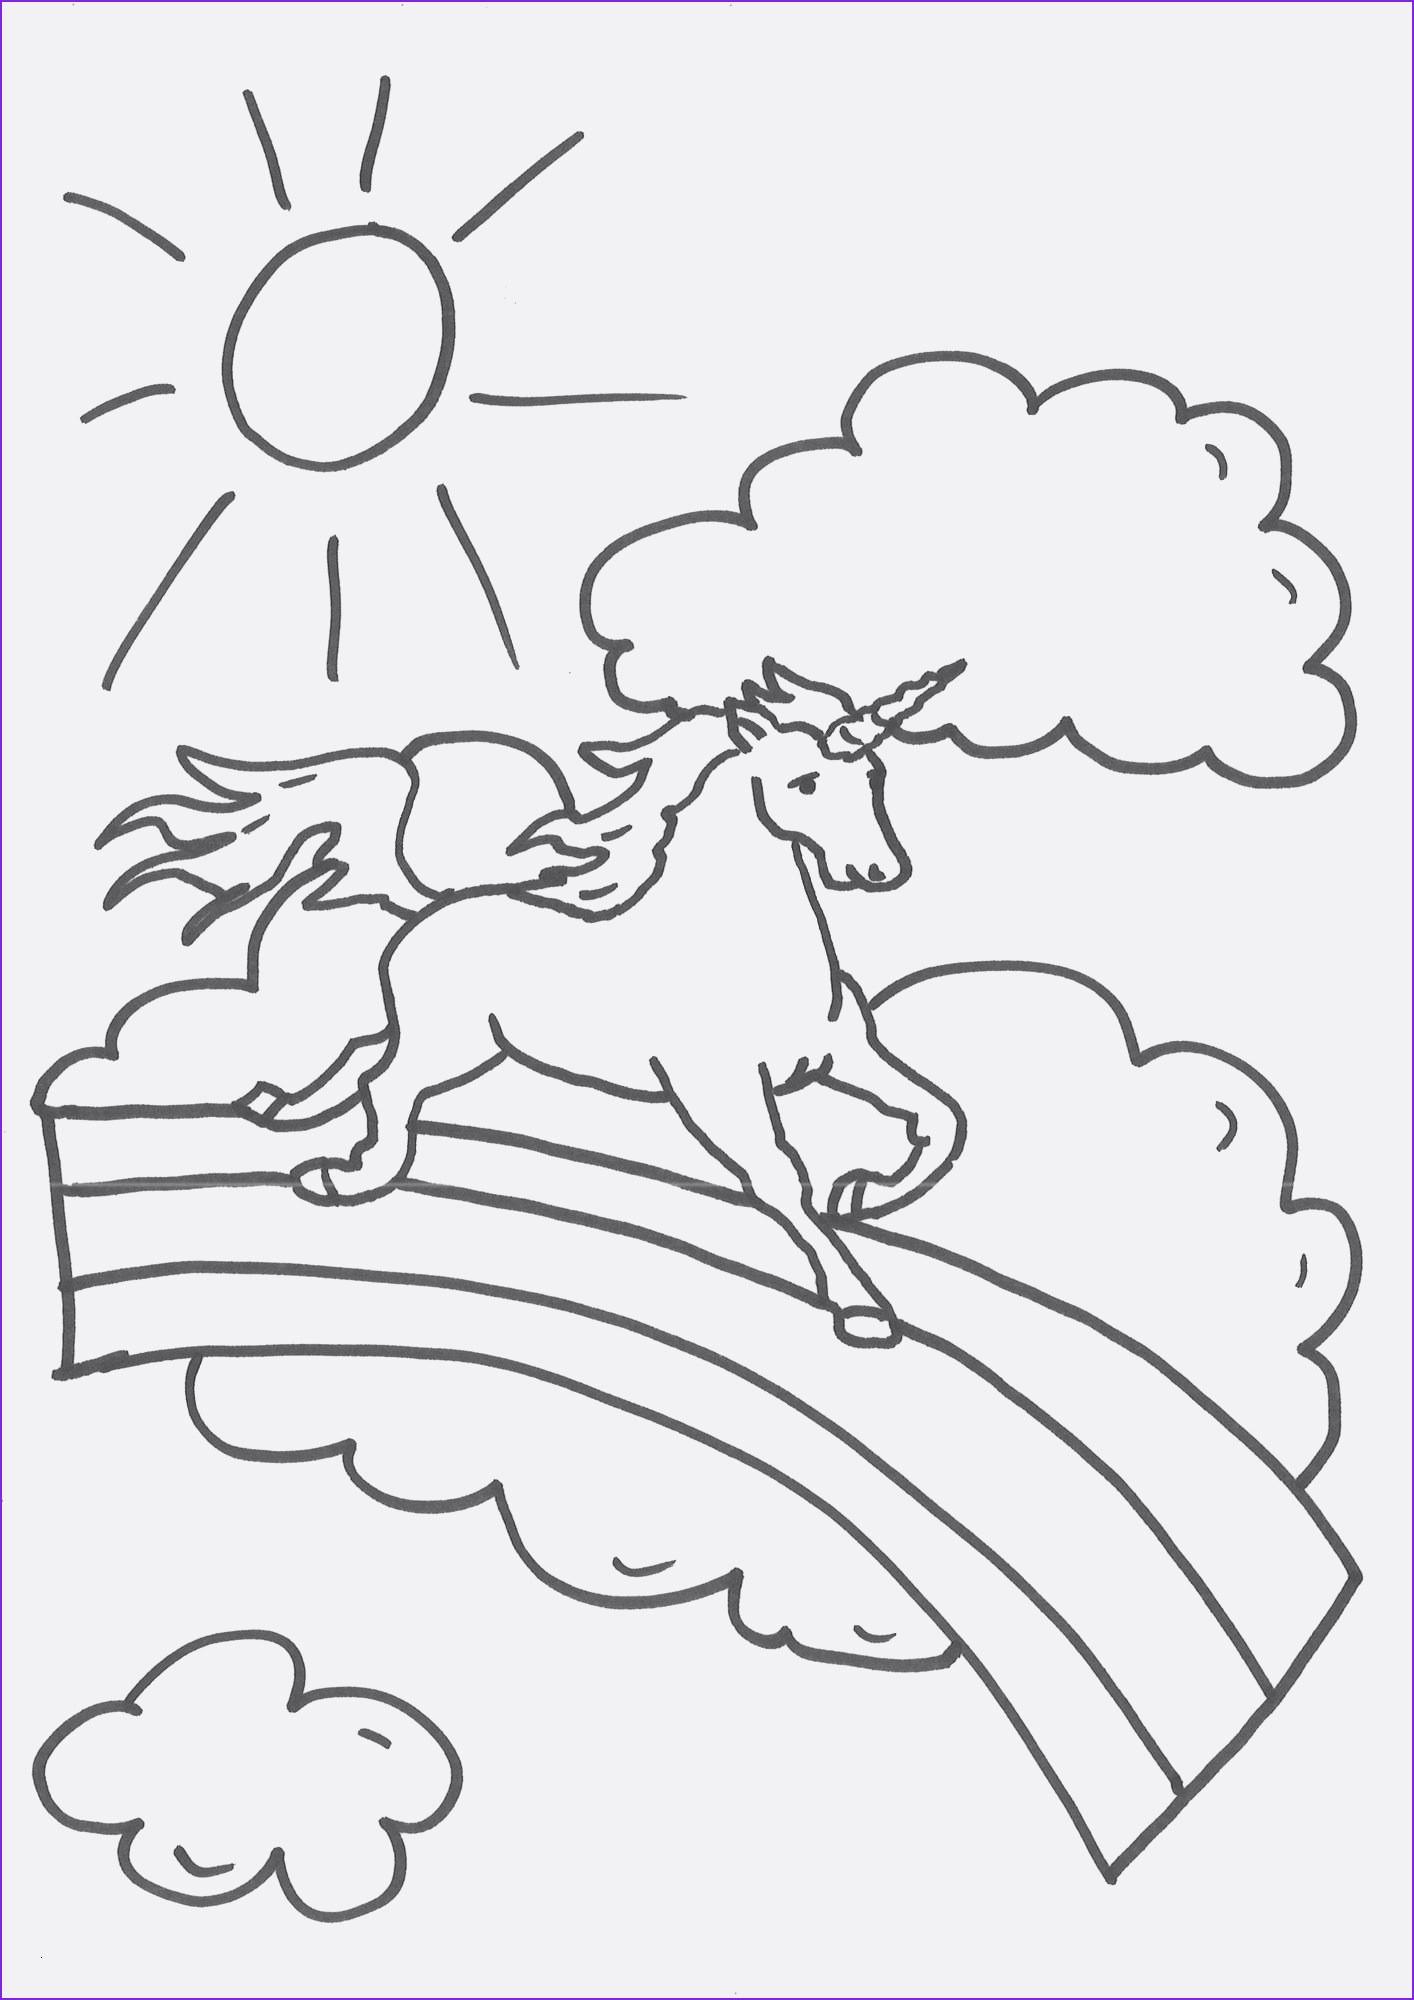 Osterhasen Bilder Kostenlos Neu Bulldog Ausmalbilder Awesome Malvorlagen Osterhasen Neu Kostenlose Das Bild